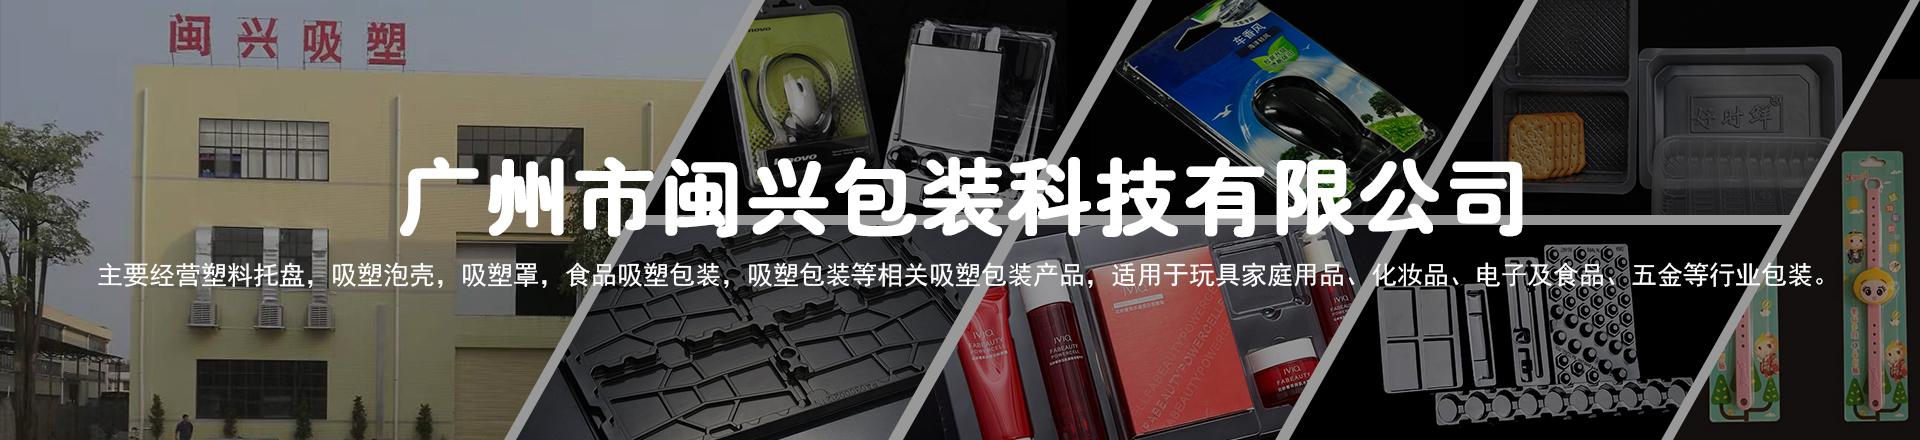 广州市闽兴包装科技有限公司-产品展示